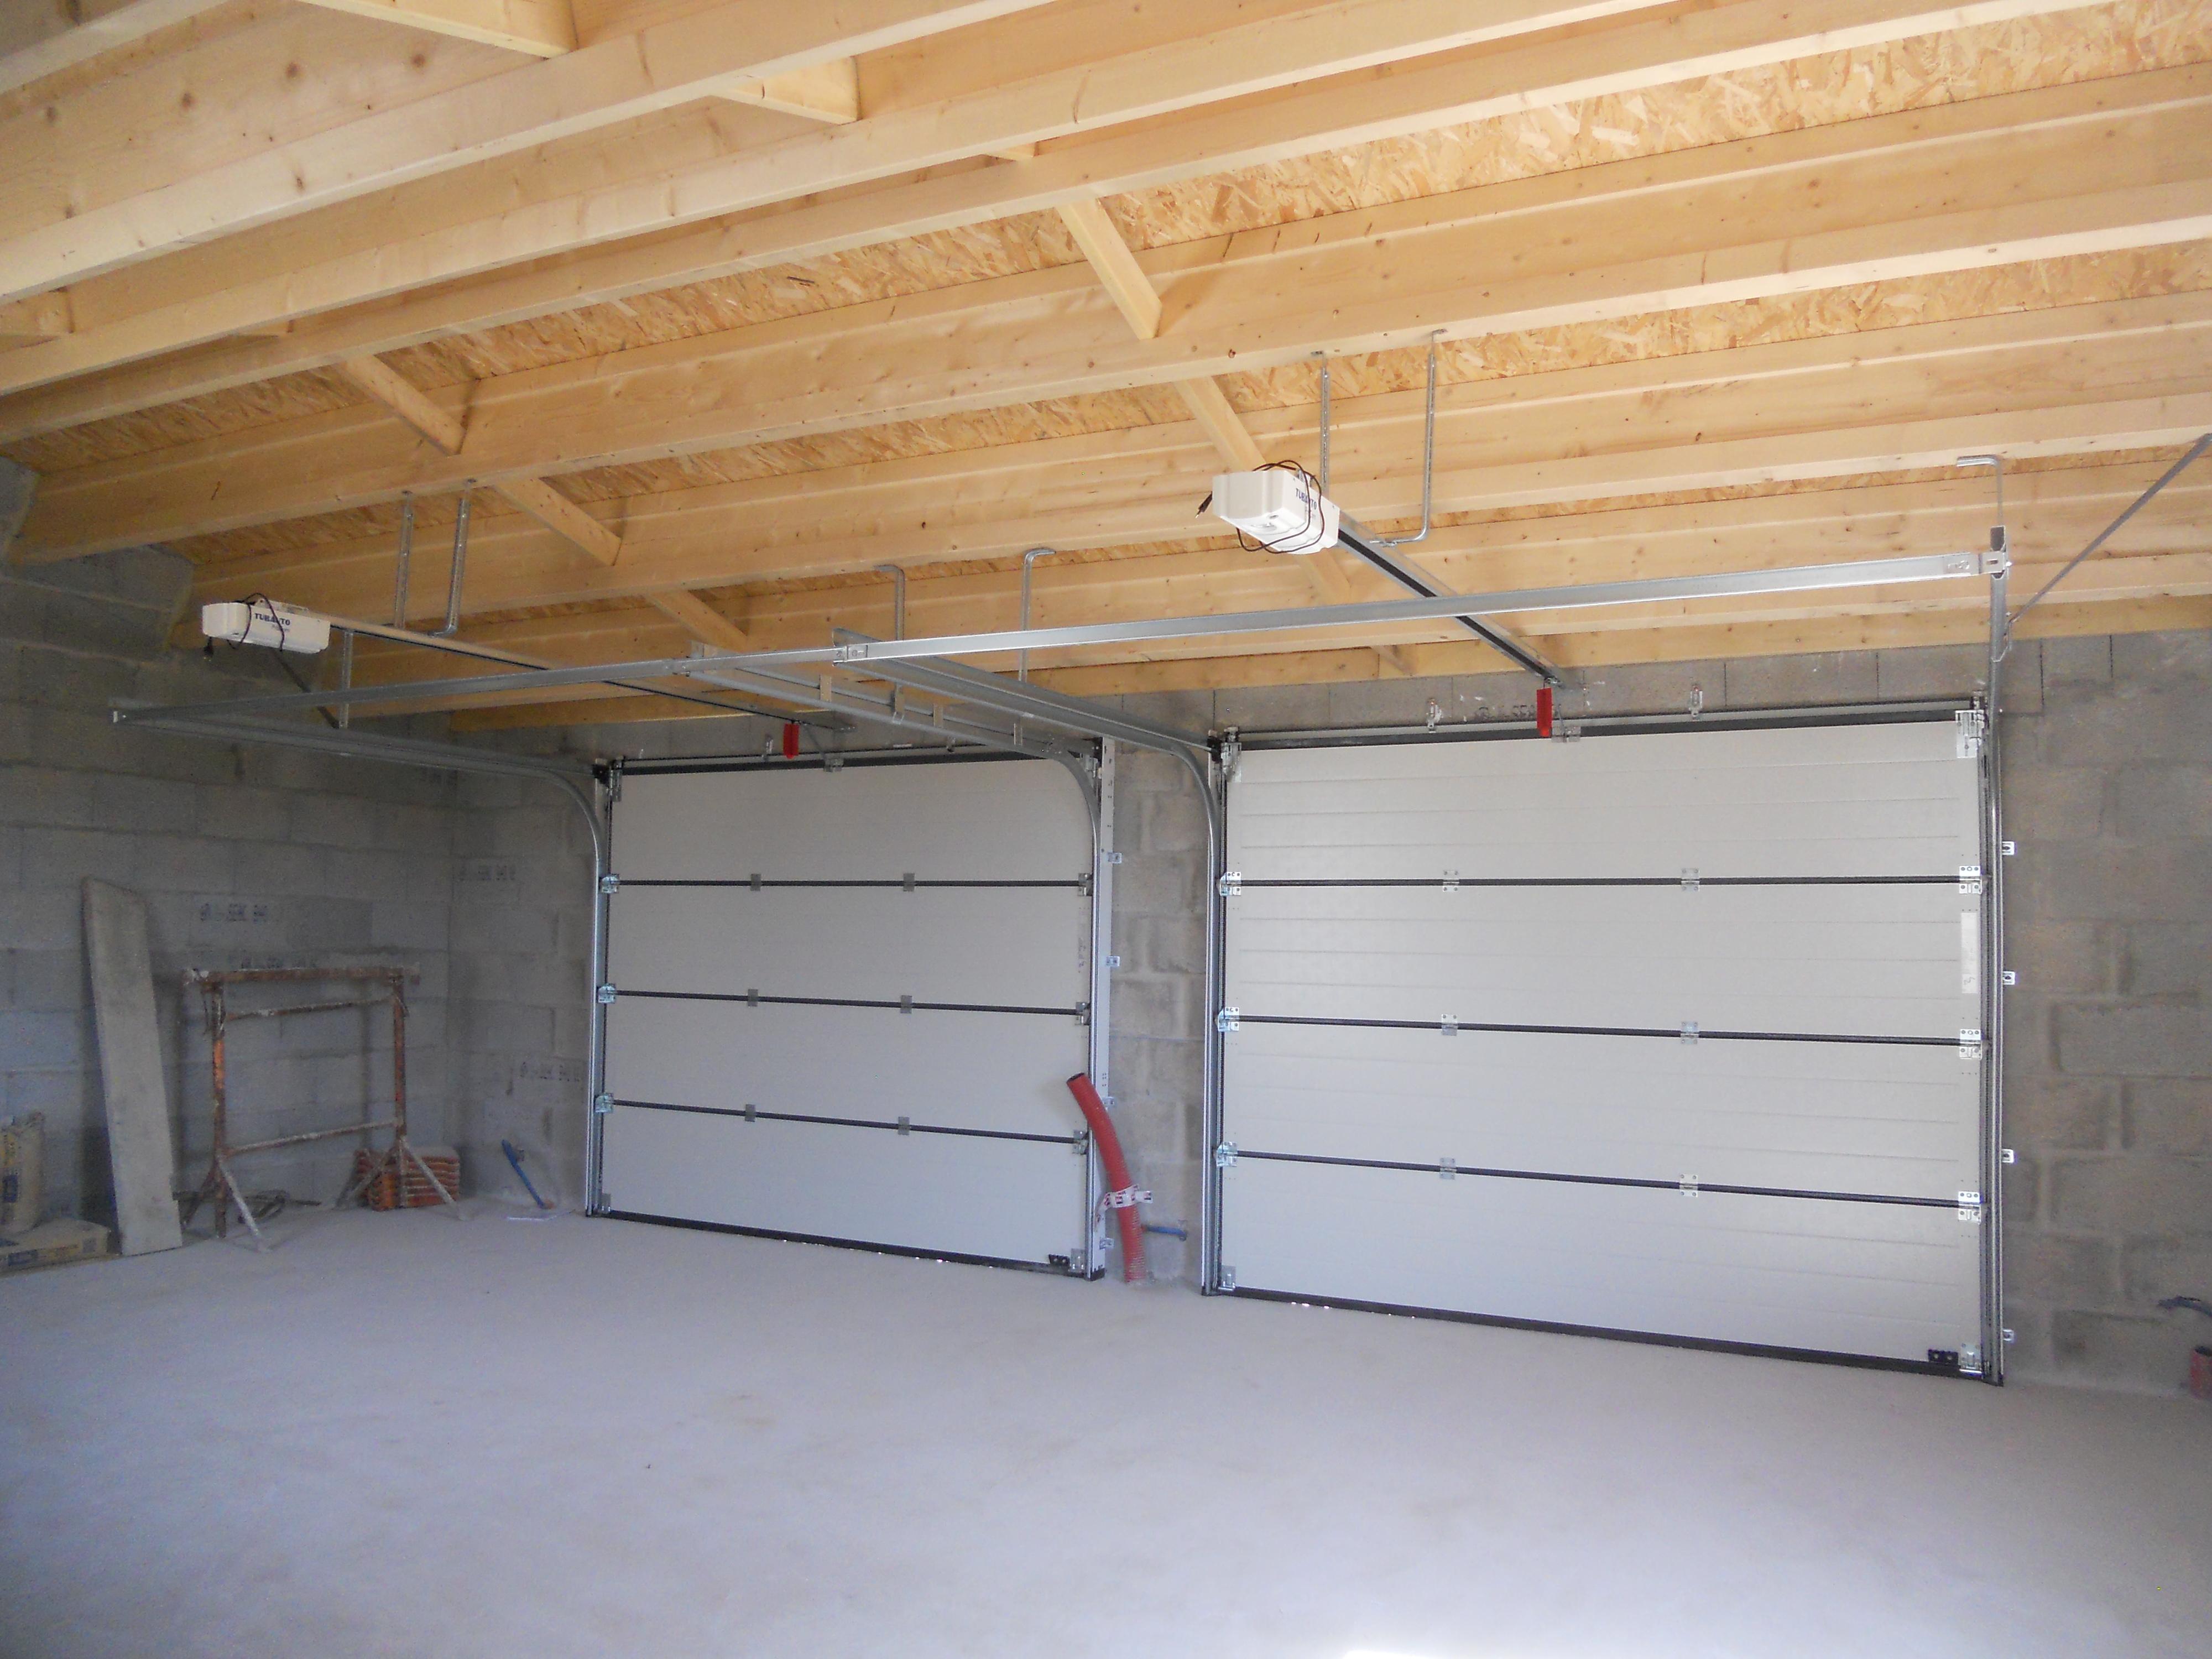 sol de garage avant pose dalles Polydal